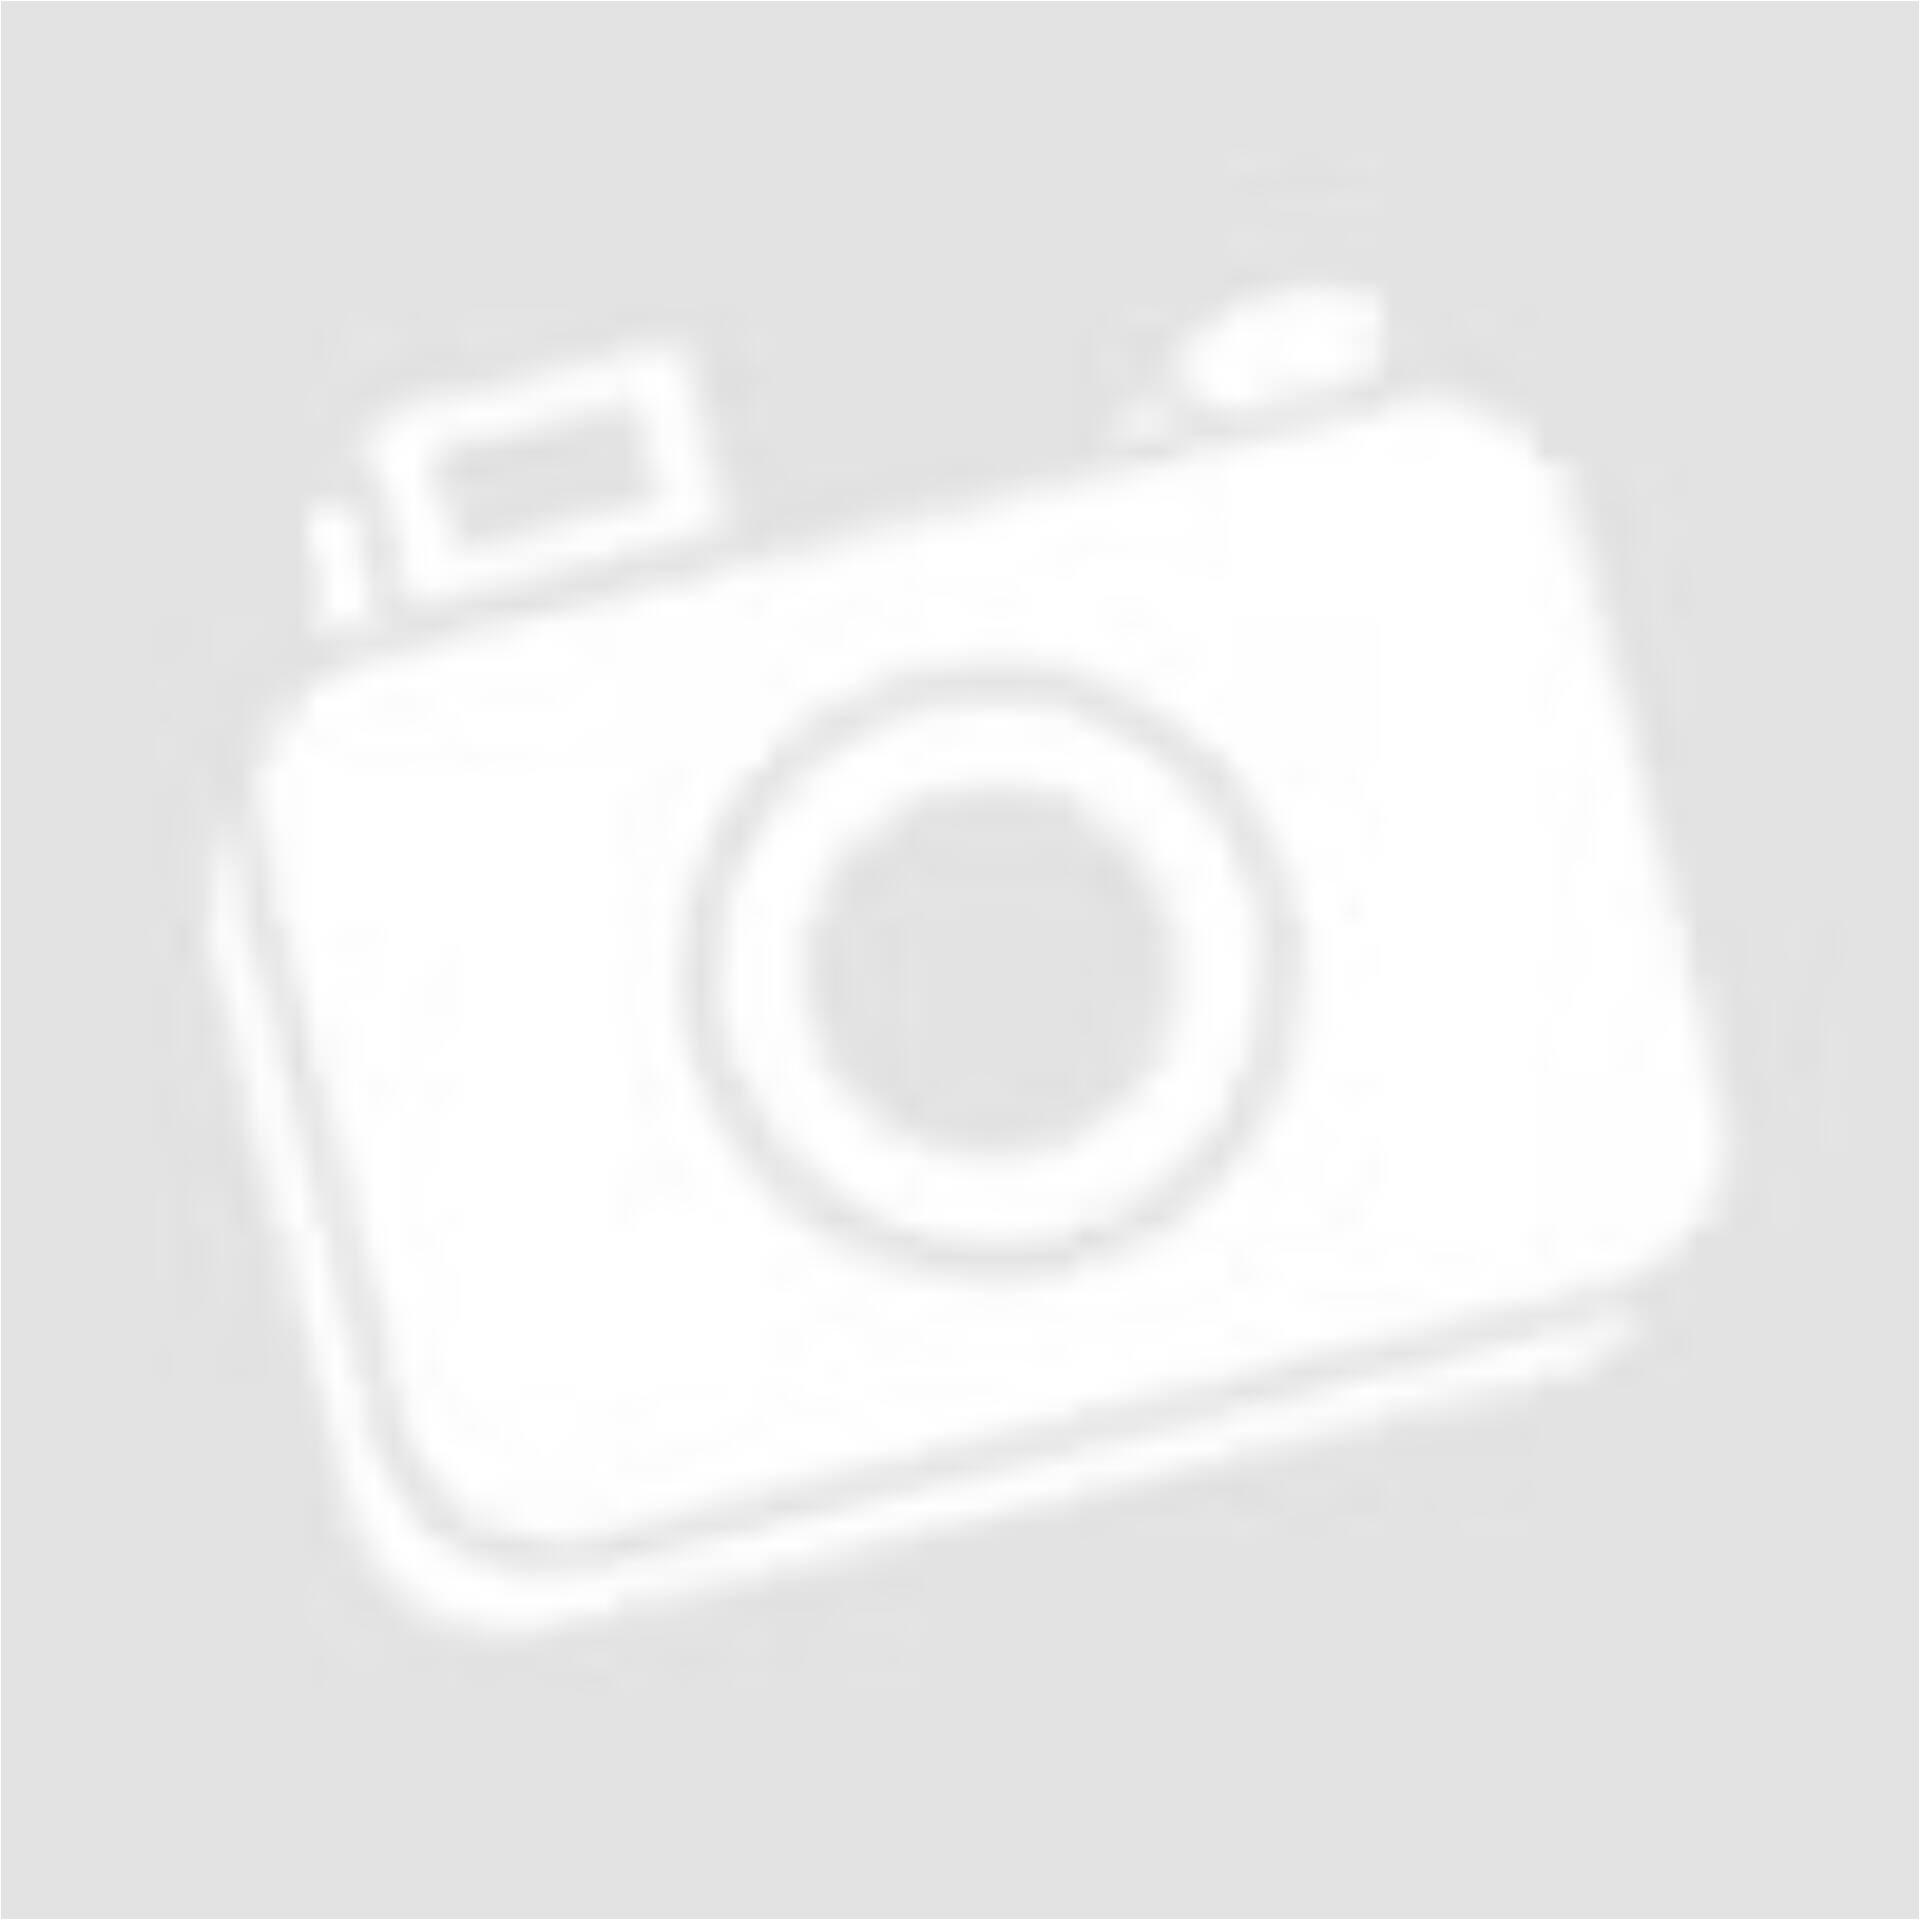 APART fekete hosszú szoknya (Méret  S) - Szoknya - Öltözz ki ... 4412f9a635